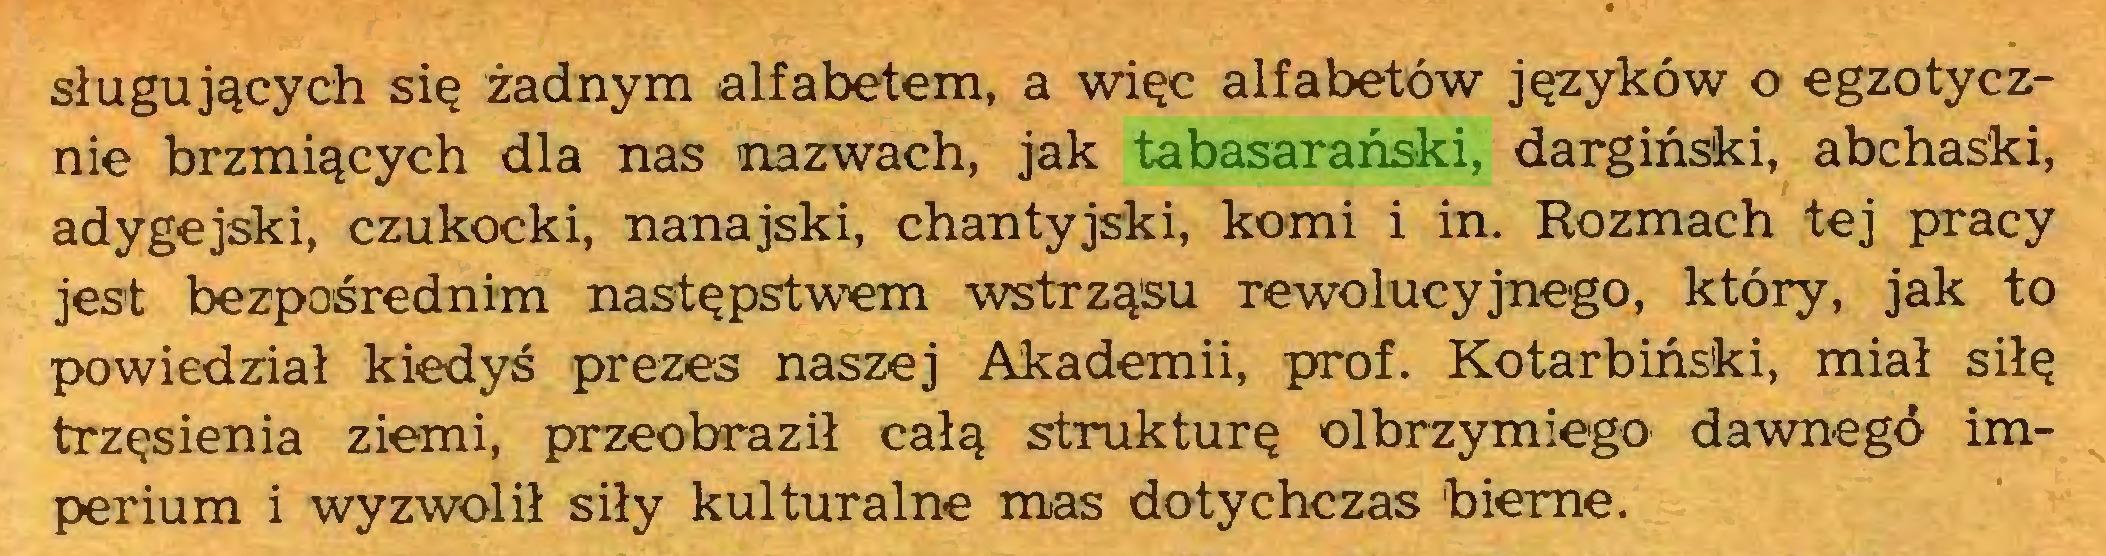 (...) sługujących się żadnym alfabetem, a więc alfabetów języków o egzotycznie brzmiących dla nas nazwach, jak tabasarański, dargiński, abchaski, adygejski, czukocki, nanajski, chantyjski, korni i in. Rozmach tej pracy jest bezpośrednim następstwem wstrząsu rewolucyjnego, który, jak to powiedział kiedyś prezes naszej Akademii, prof. Kotarbiński, miał siłę trzęsienia ziemi, przeobraził całą strukturę olbrzymiego dawnego imperium i wyzwolił siły kulturalne mas dotychczas bierne...